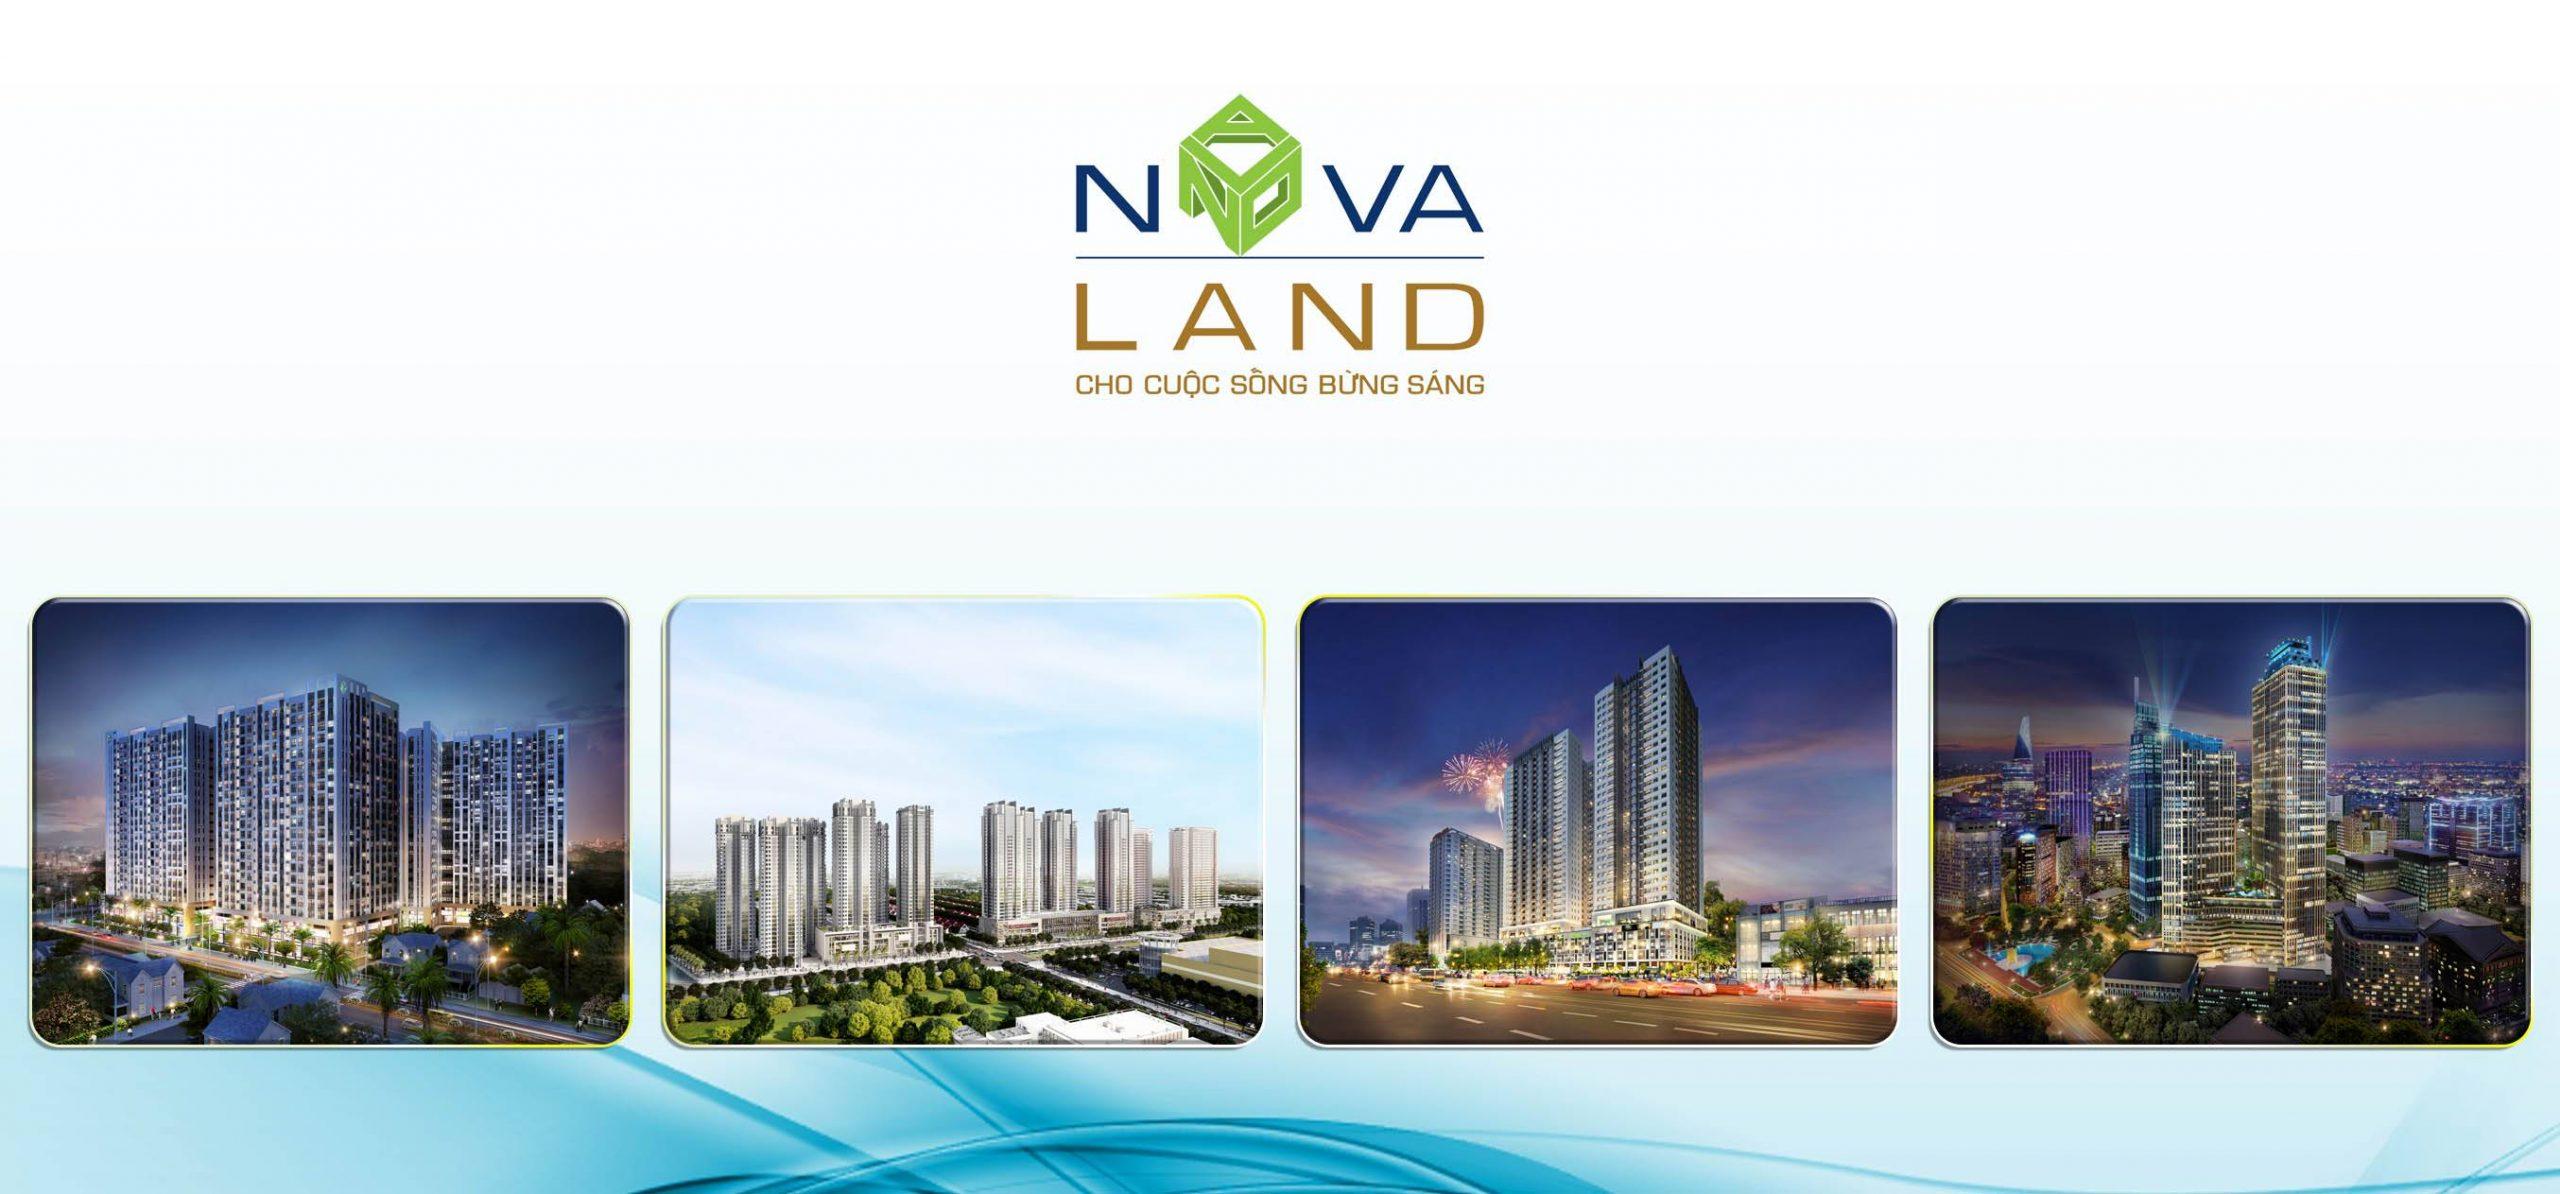 Điểm mạnh của dự án Novaland đến cho khách hàng?